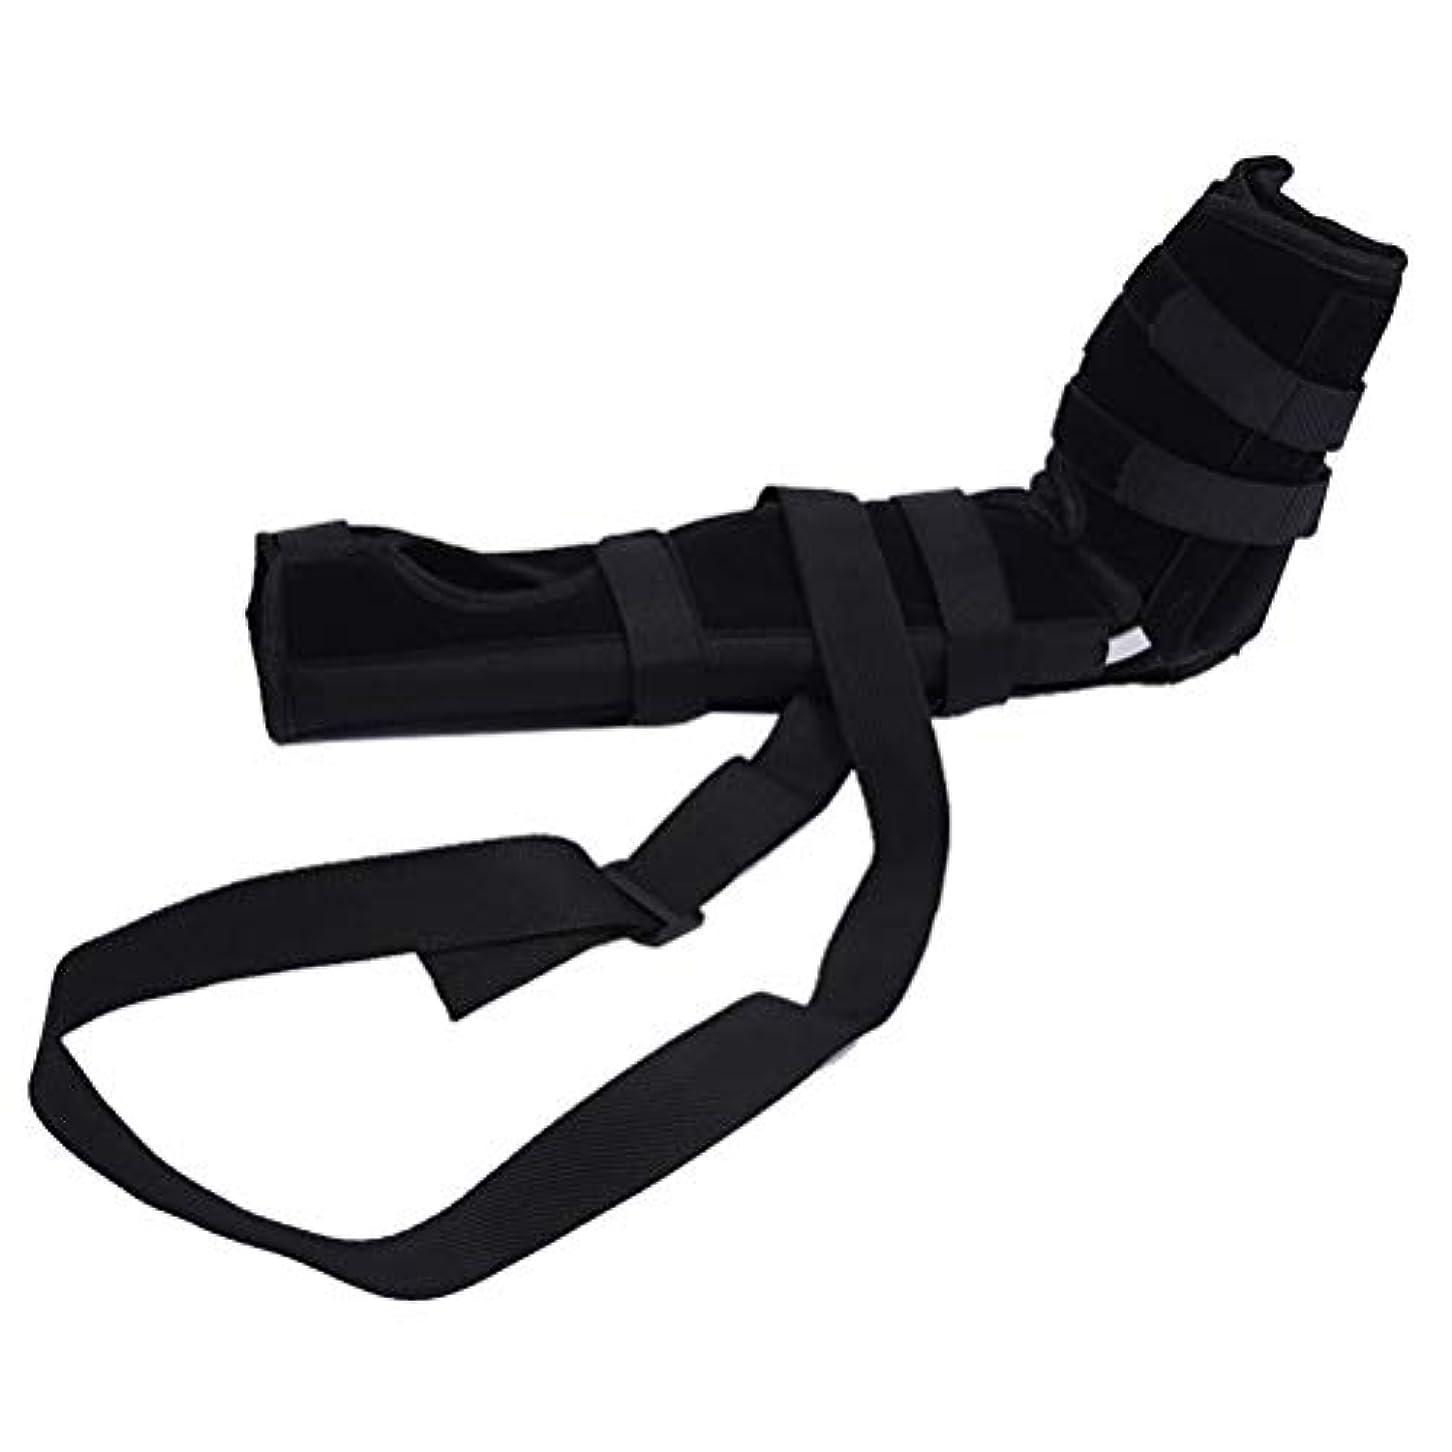 ギネスオリエントジャンクSUPVOX 肘ブレース 関節サポート アームリーダー 保護 固定 腕つり 関節 保護 男女兼用 調節可能 通気性 術後ケアブレース(ブラック サイズS)